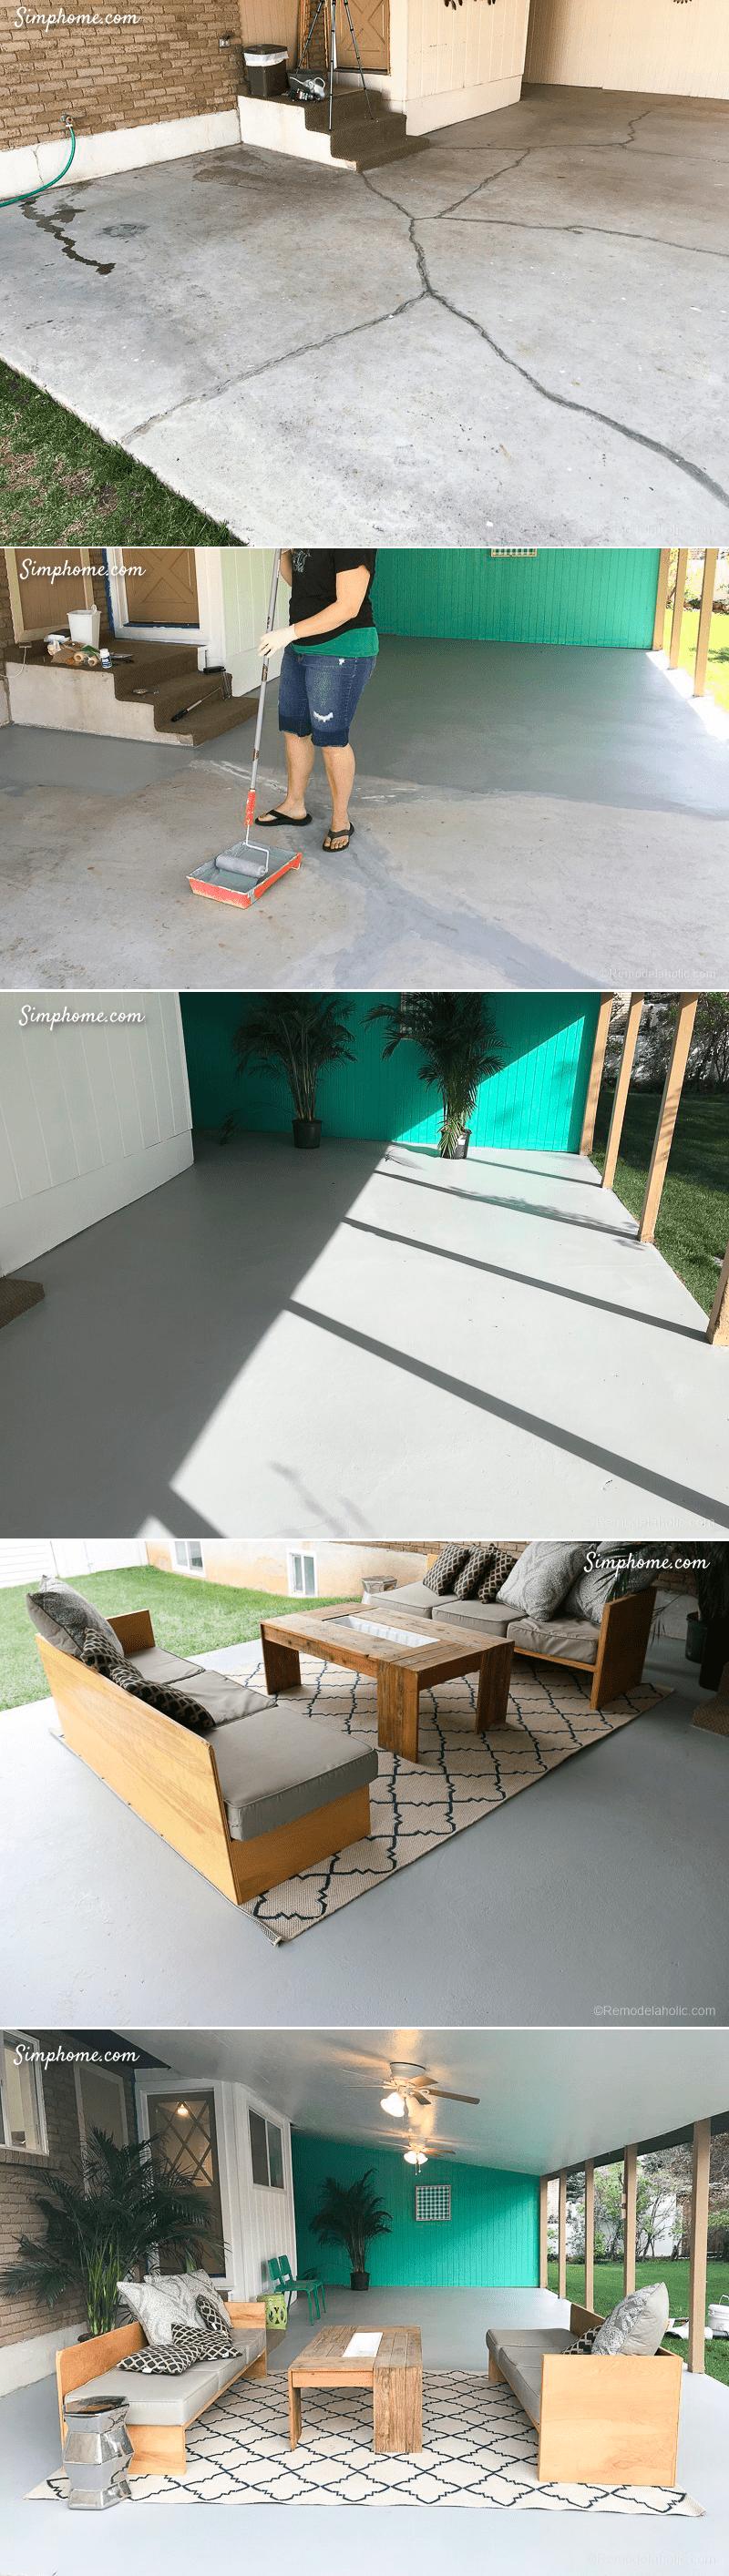 9.Paint the Concrete Patio by Simphome.com